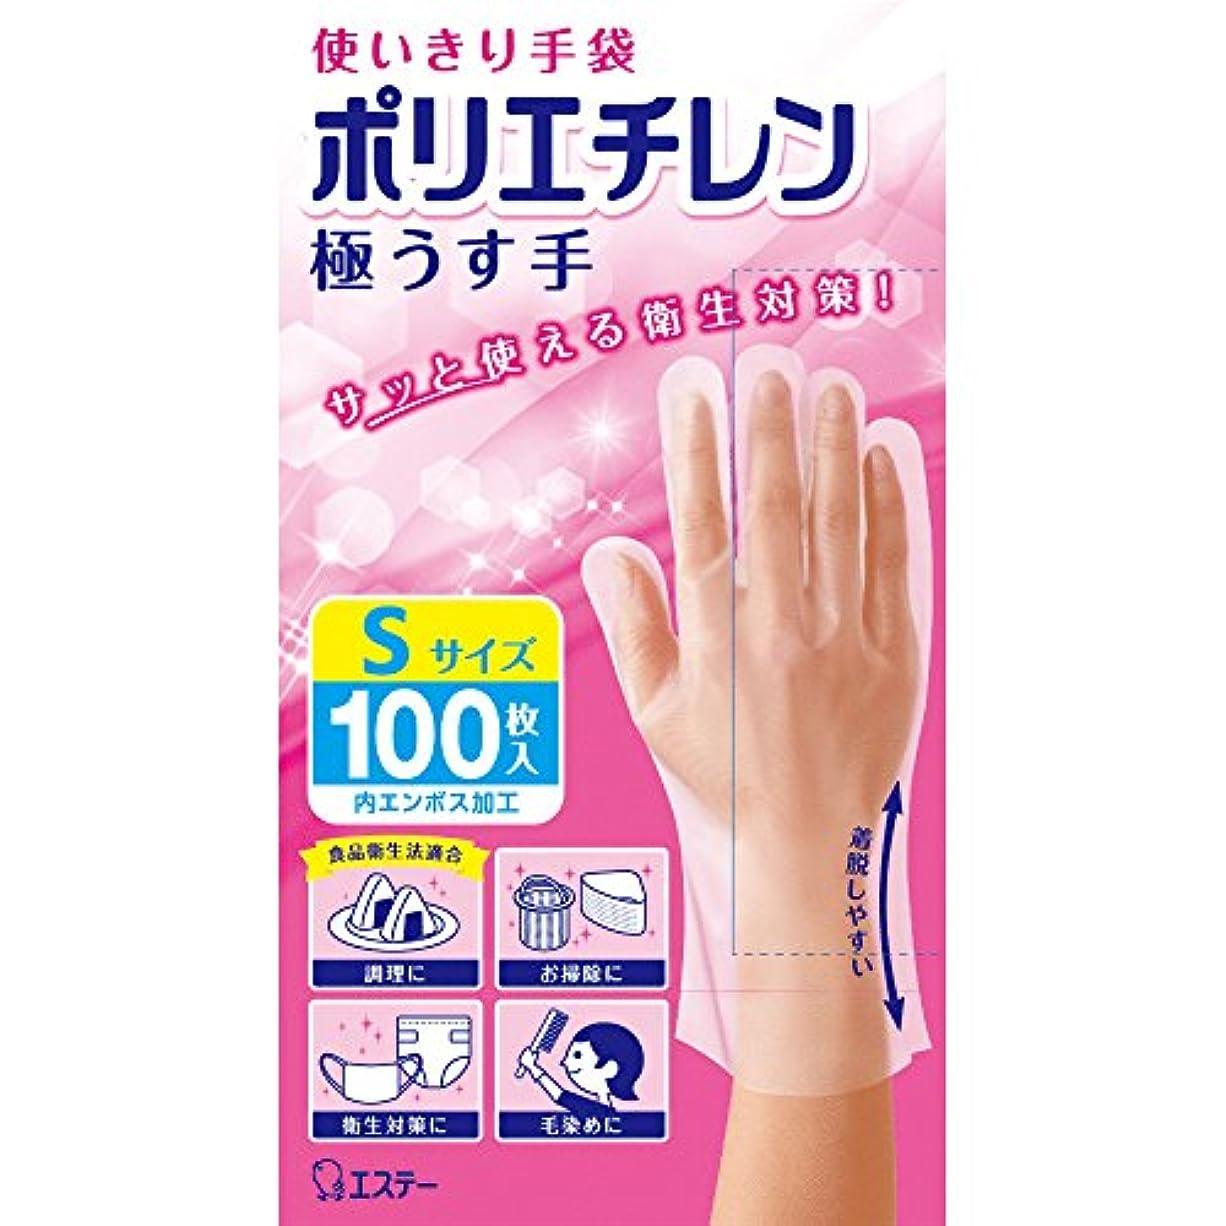 提供外出公平な使いきり手袋 ポリエチレン 極うす手 Sサイズ 半透明 100枚